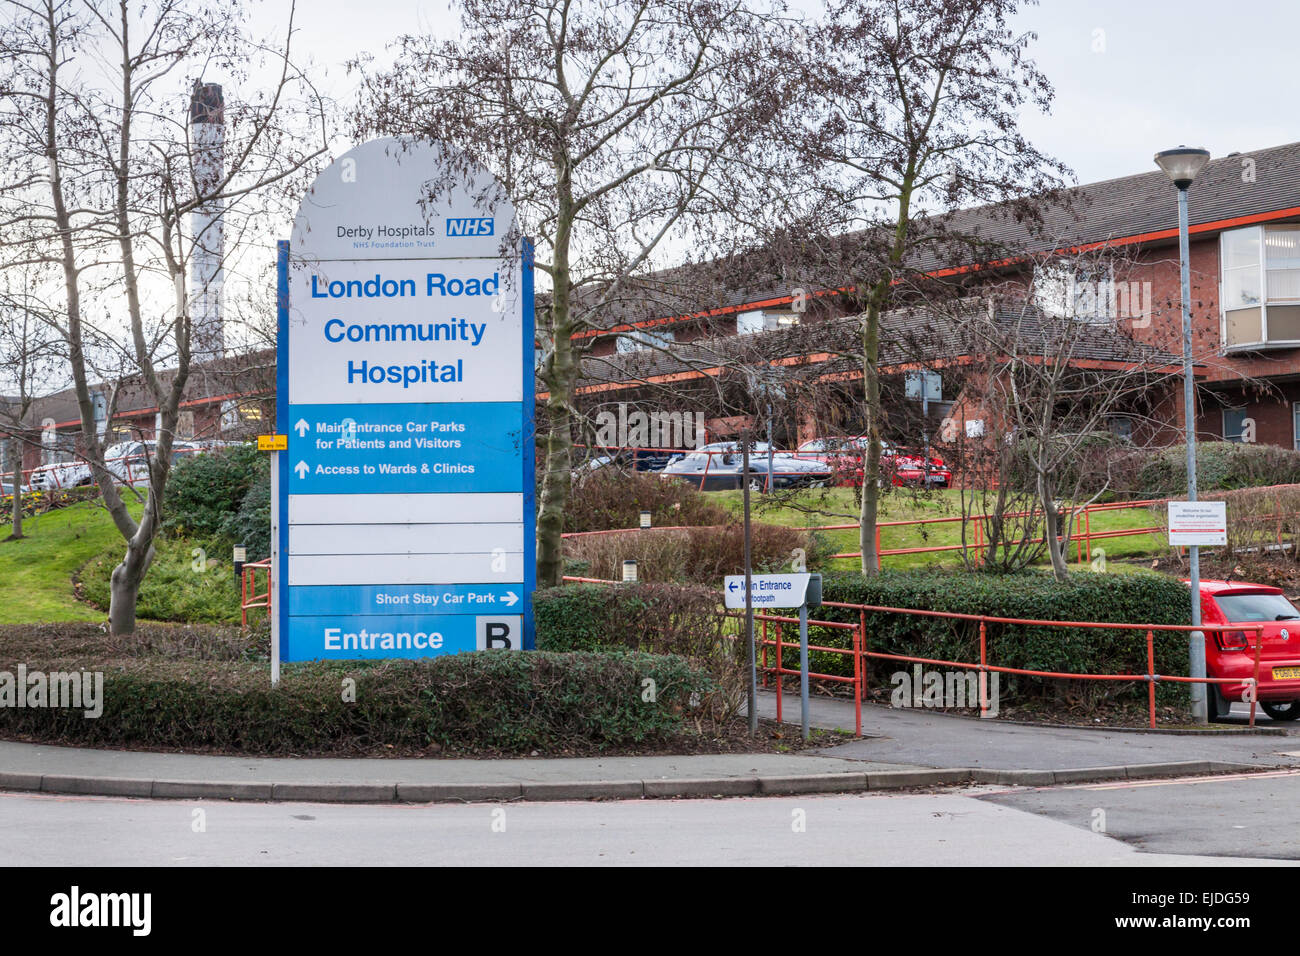 London Road Community Hospital, Derby, England, UK - Stock Image